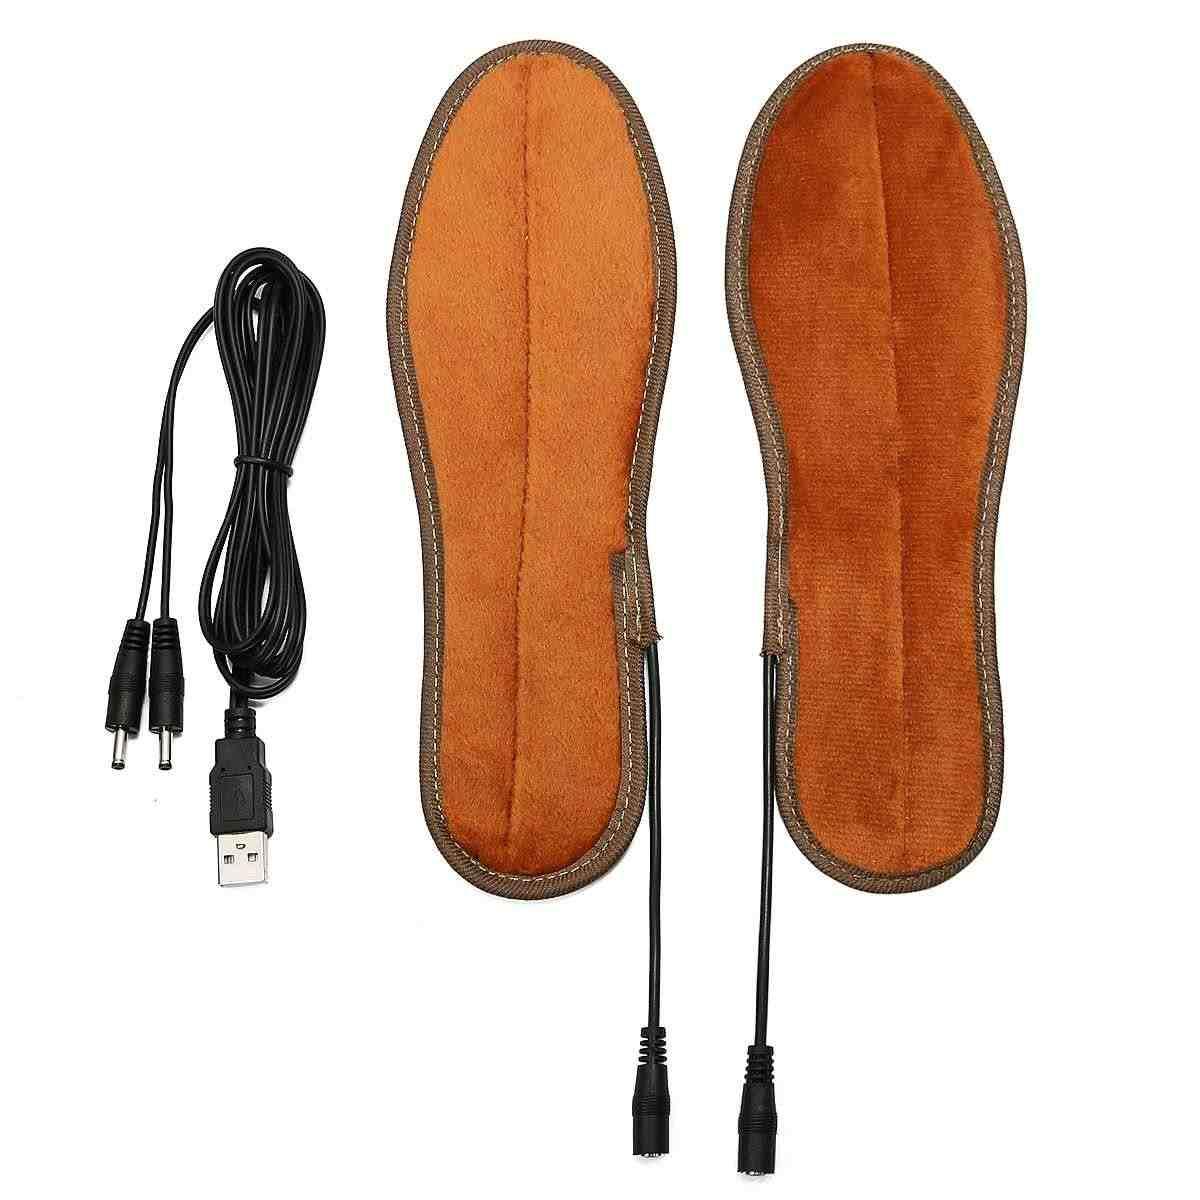 للجنسين USB قابلة للشحن تسخين كهربائي النعال للأحذية معطف شتوي منصات التدفئة القدم الأحذية شحن نعل سخان